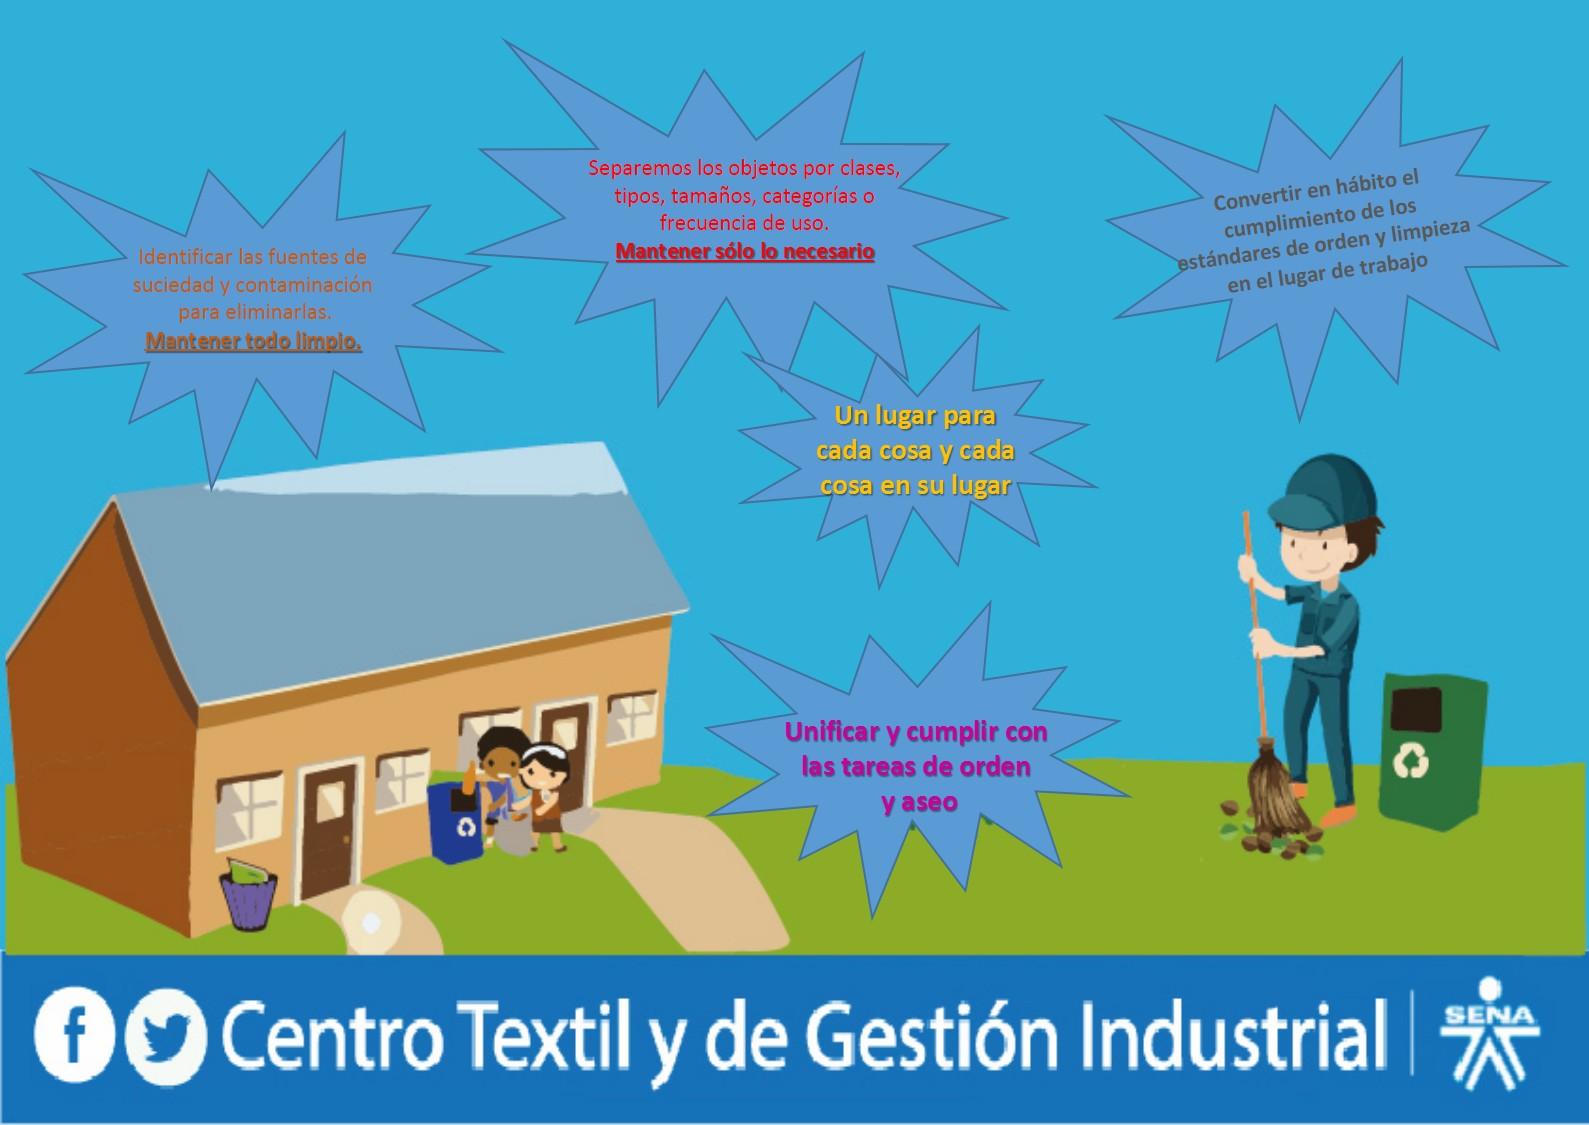 Centro textil y de gestion industrial sena regional for Trabajo para limpiar oficinas